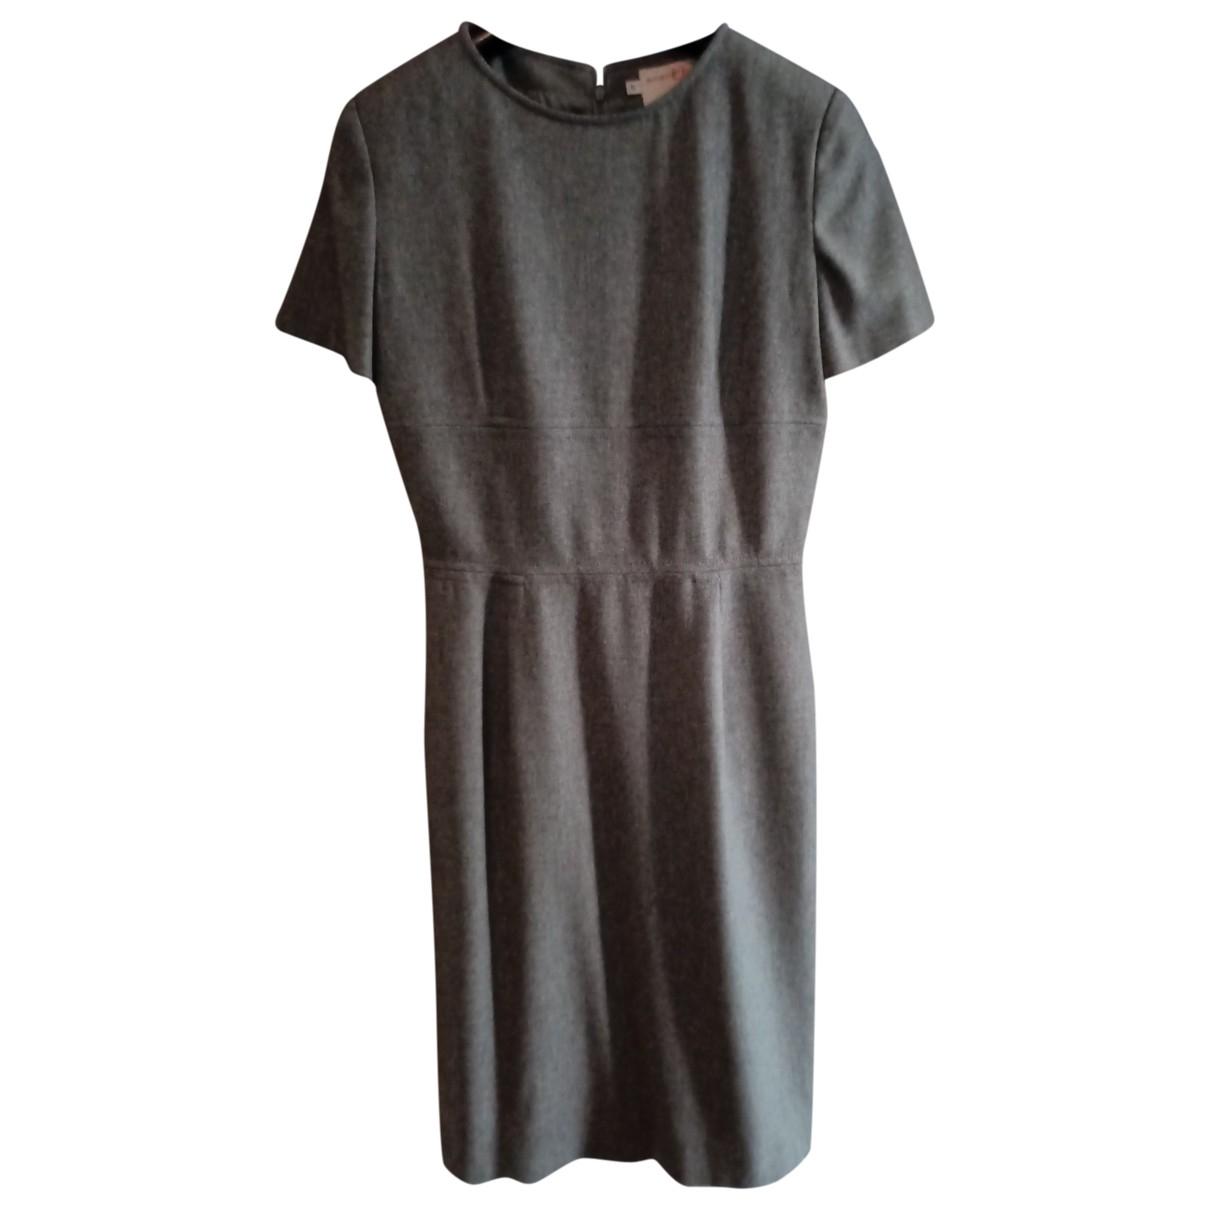 Emanuel Ungaro \N Kleid in  Grau Wolle